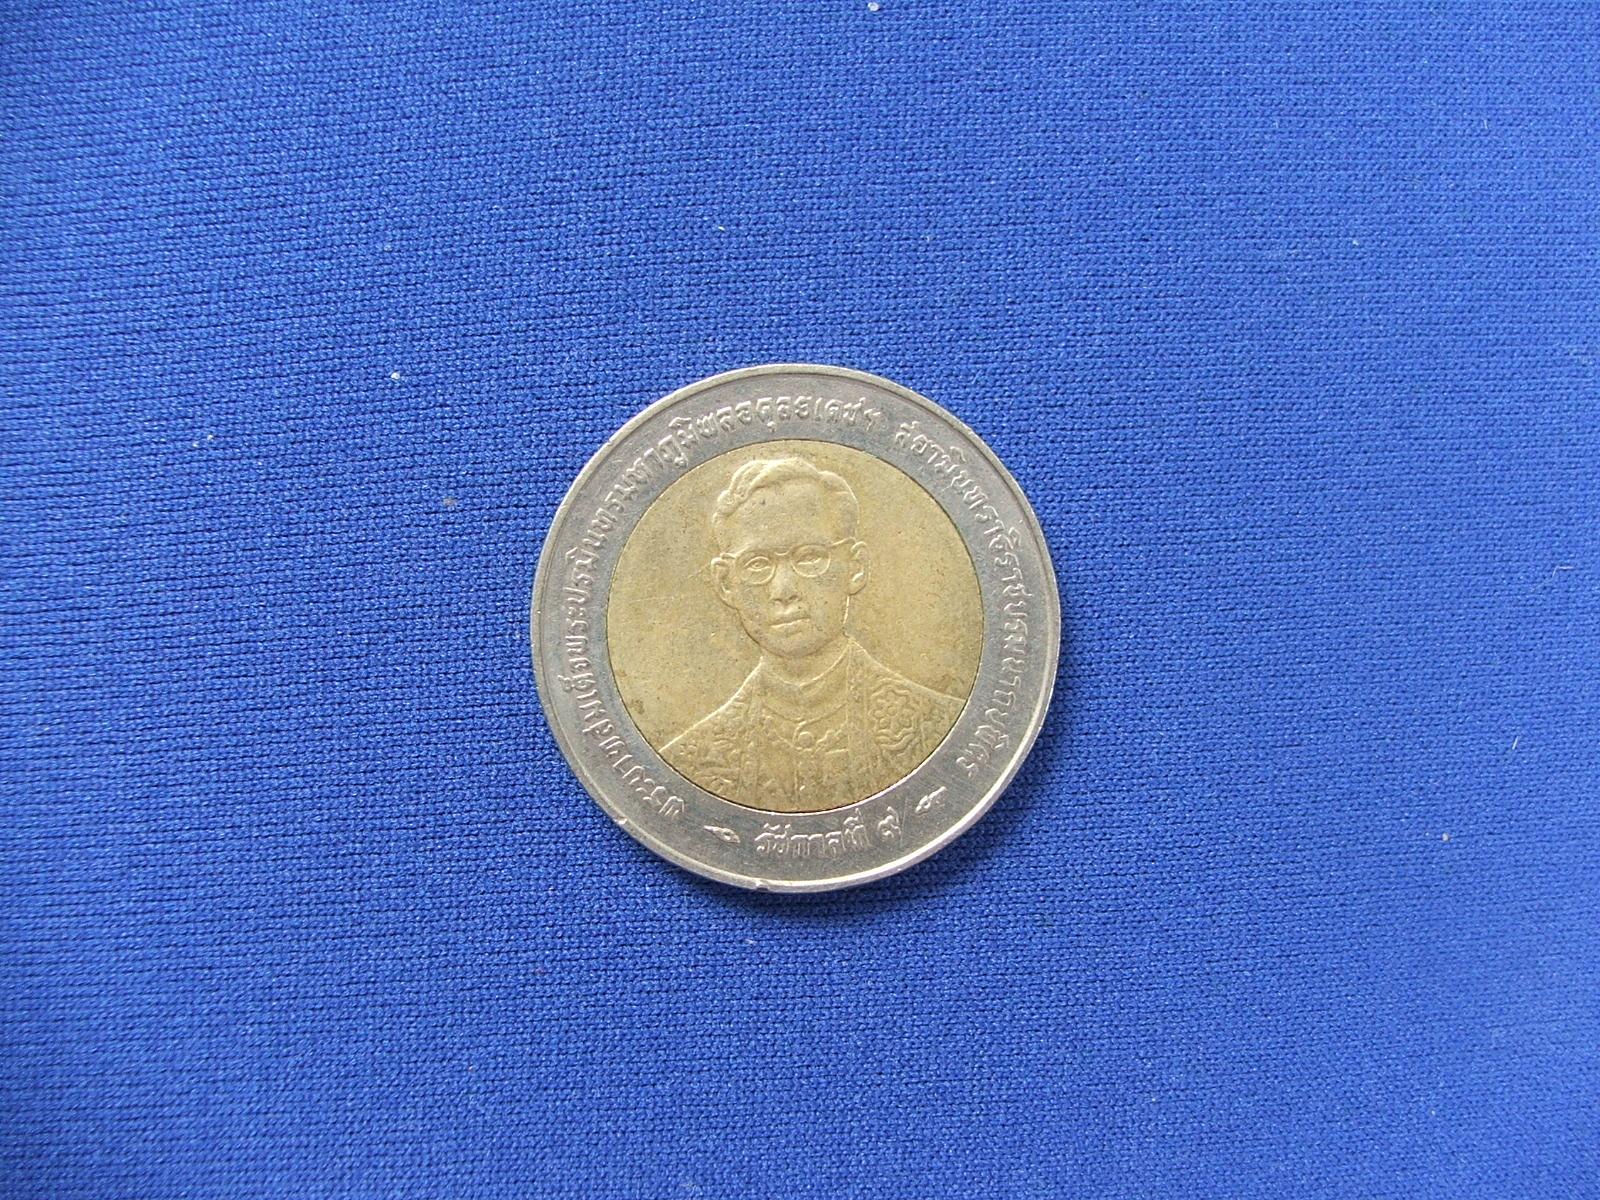 เหรียญ ๑๐ บาท กาญจนาภิเษก ๒๕๓๙